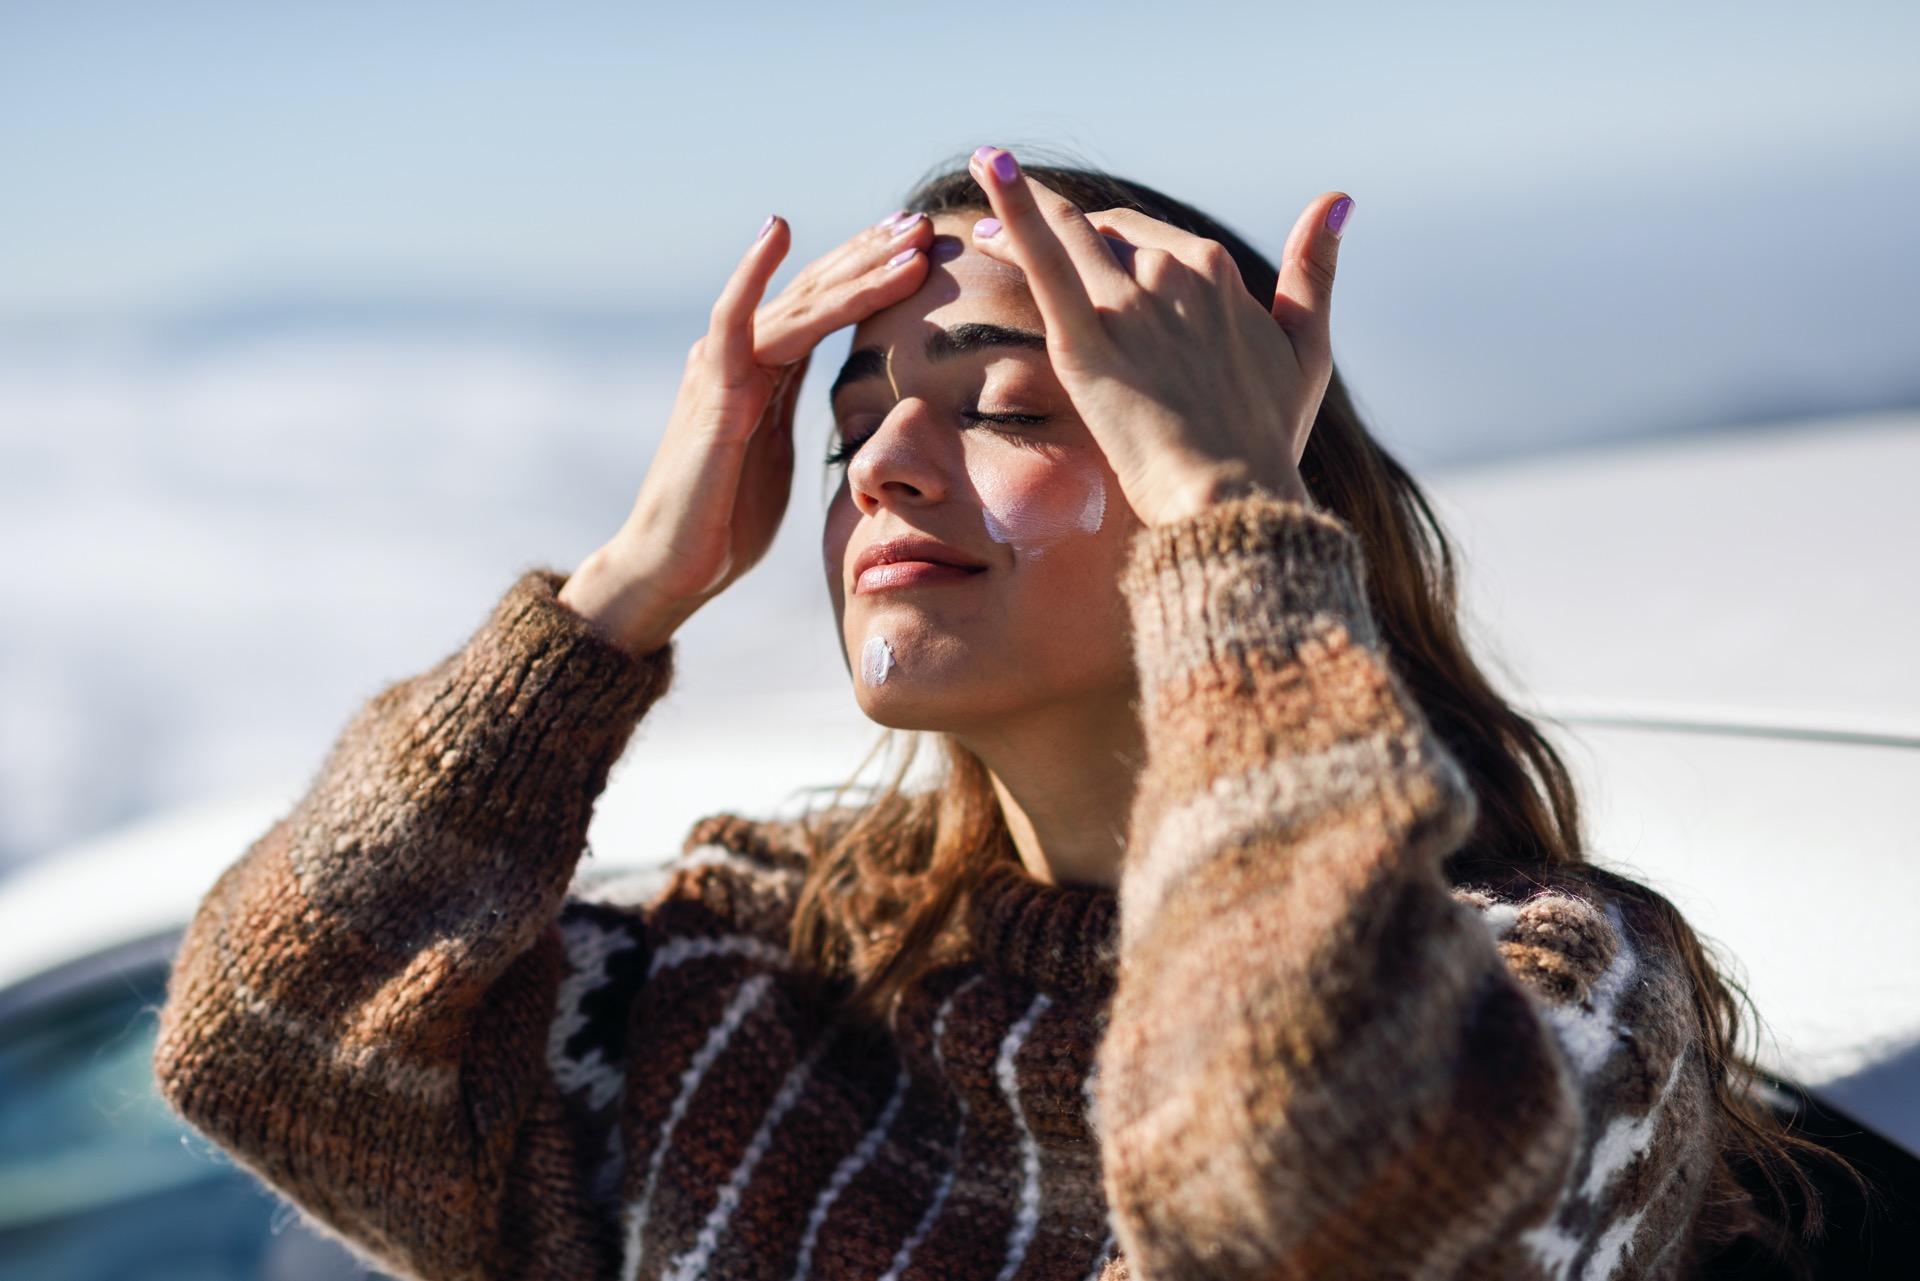 Hautpflege und Haarpflege im Winter